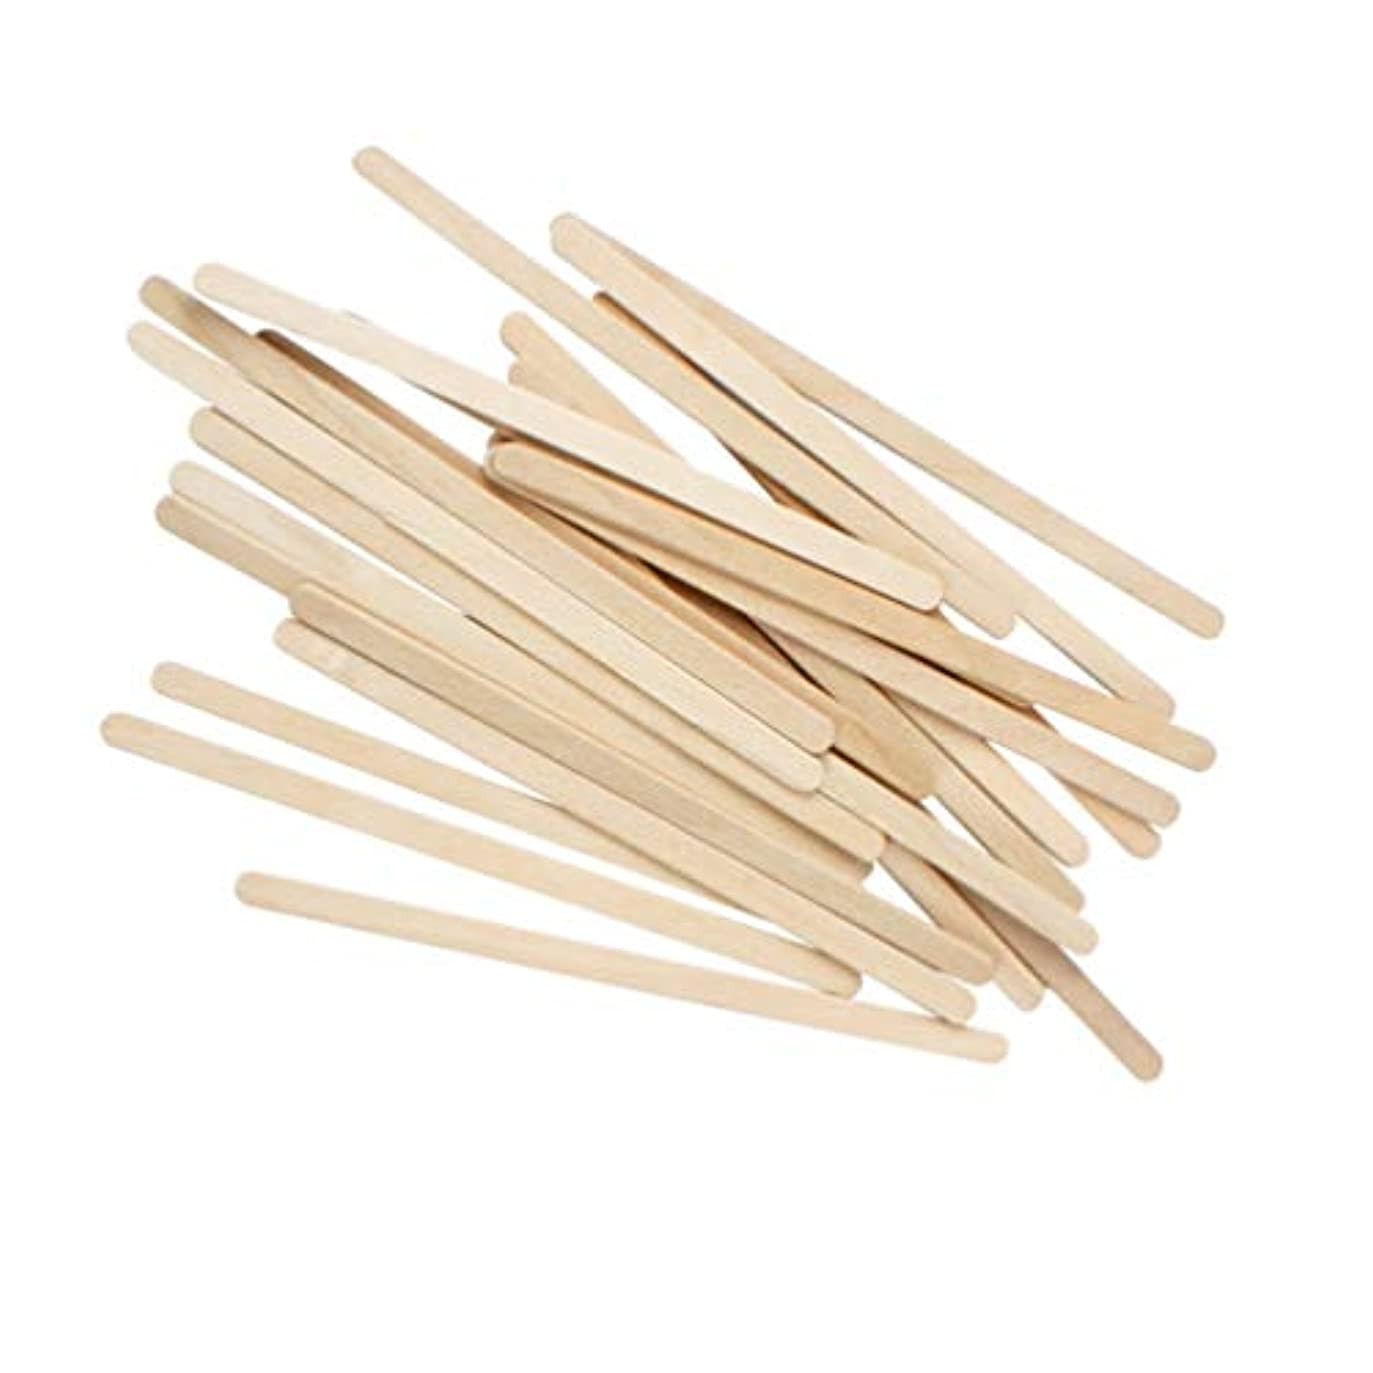 お手伝いさん者さらにHealifty 100ピース木製ワックスアプリケーター使い捨て脱毛ワックススティックマスクワックスヘラロッド用女性